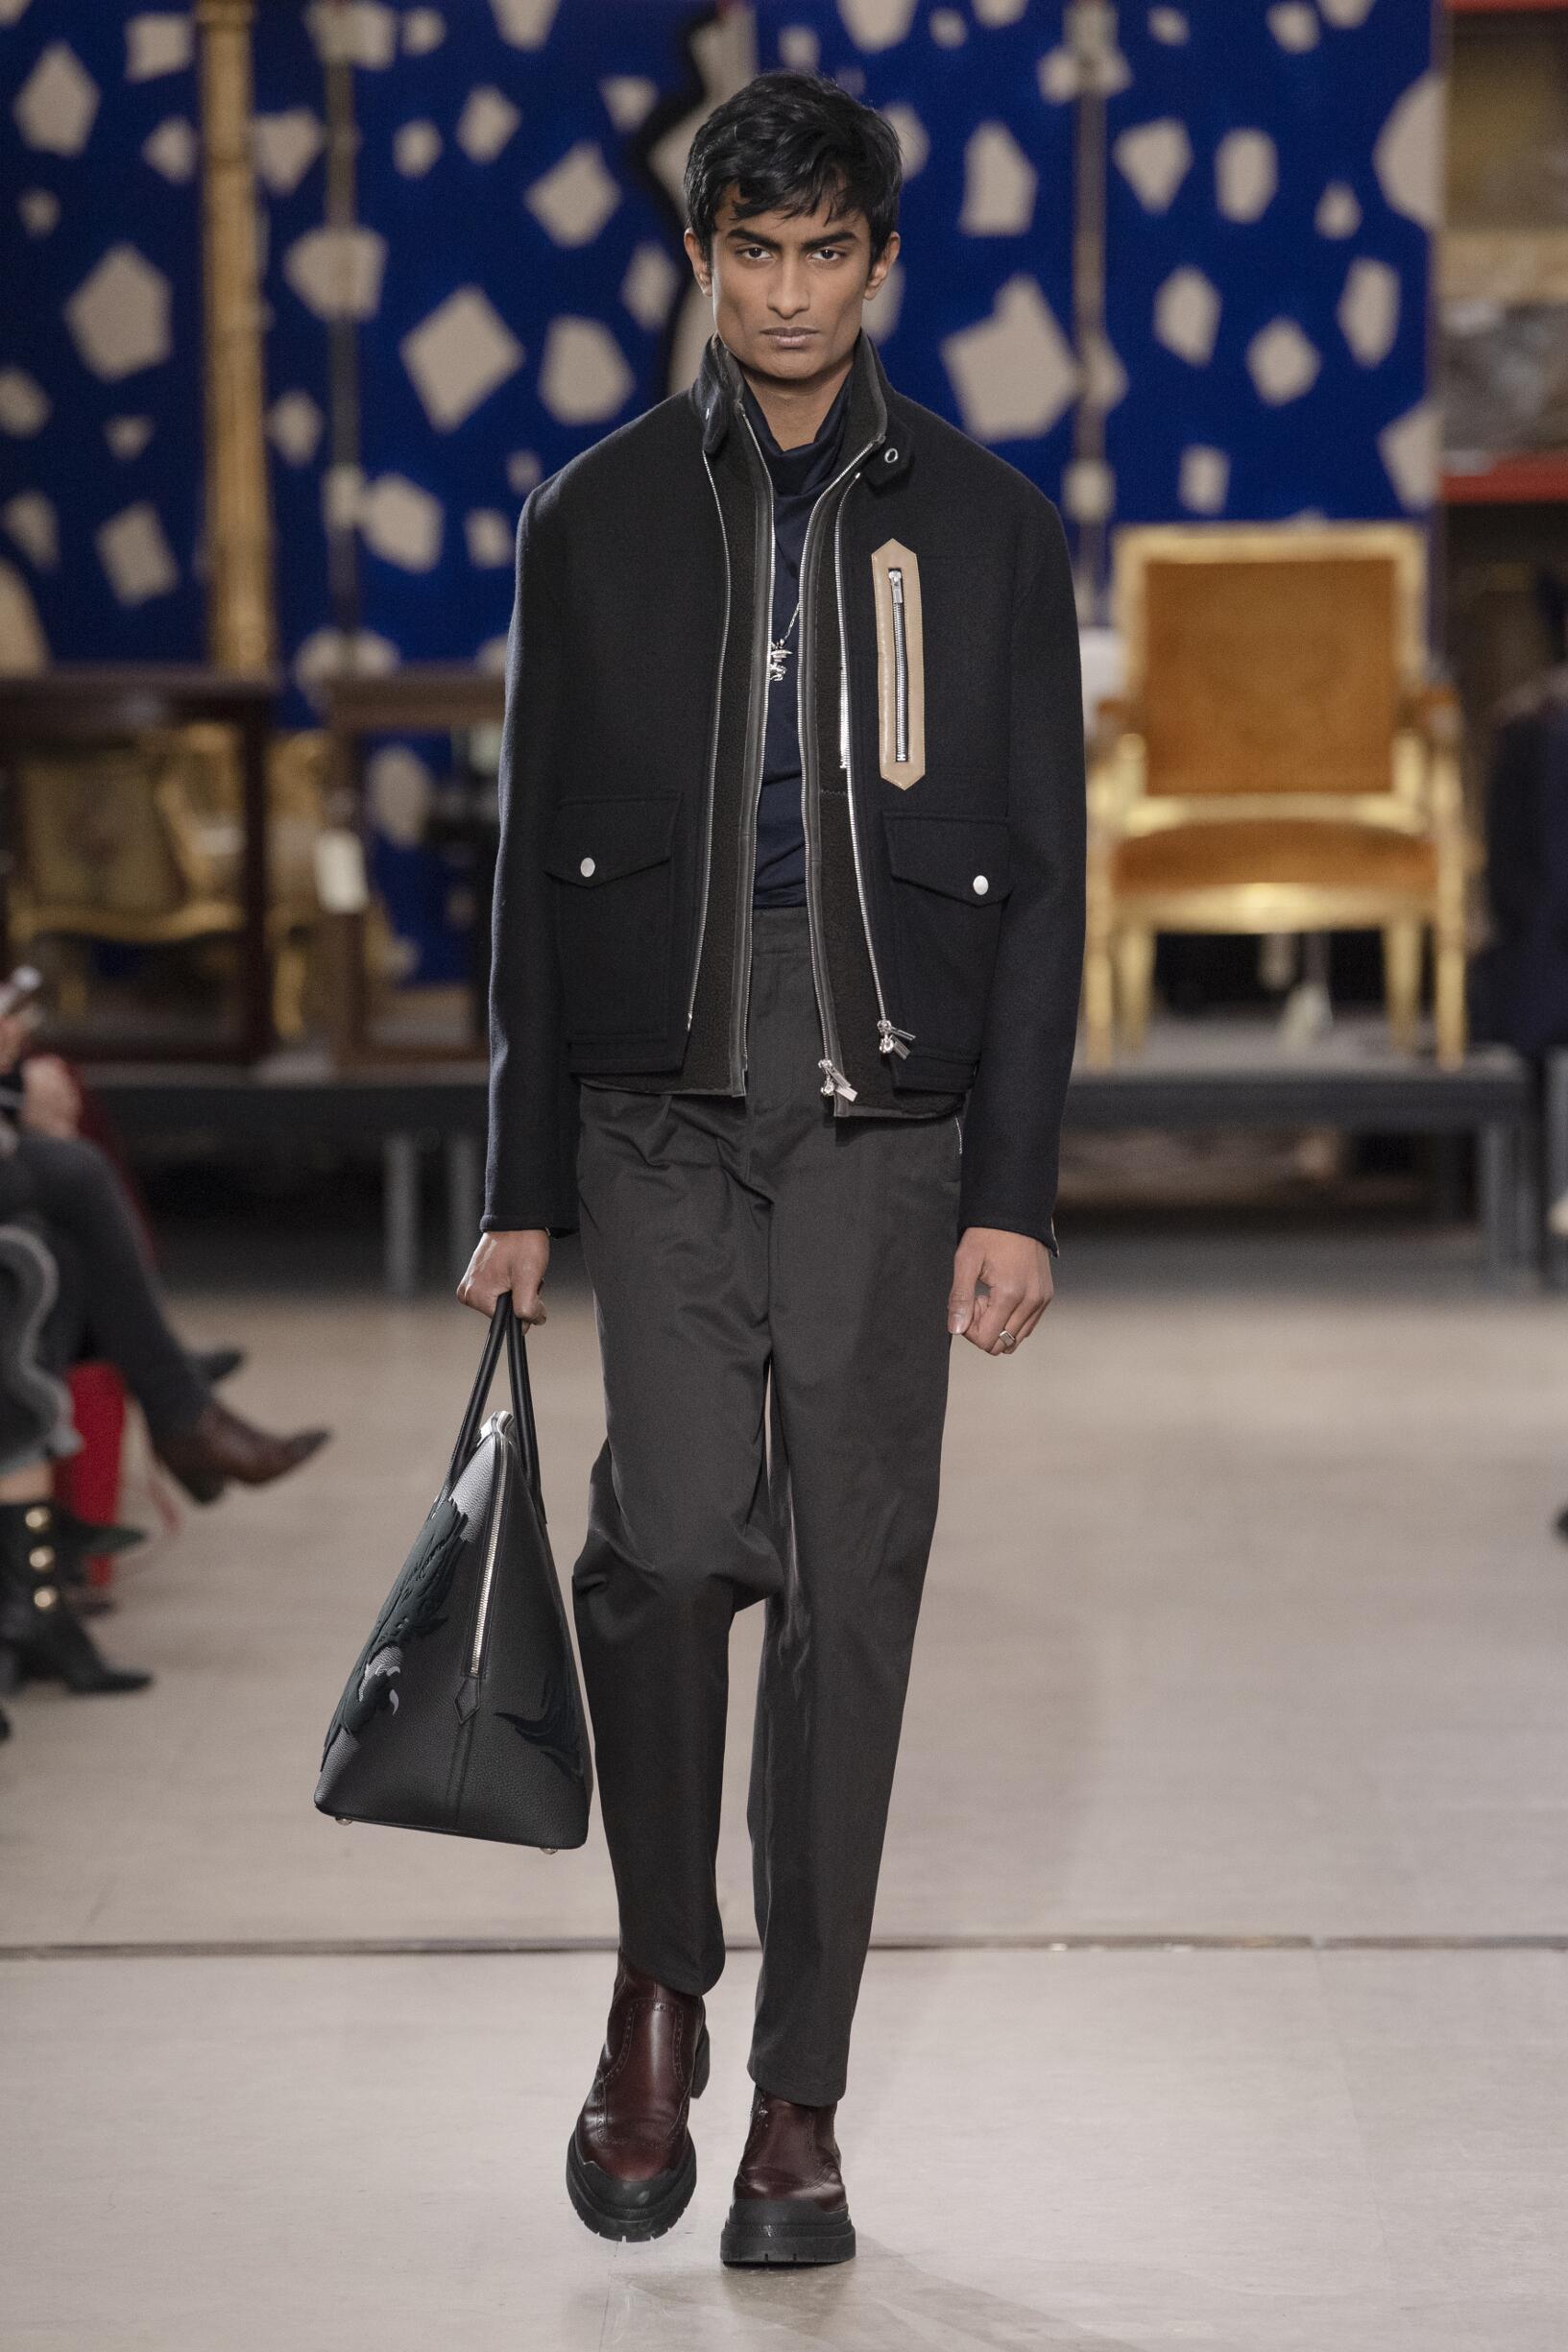 Hermès Paris Fashion Week Menswear Trends